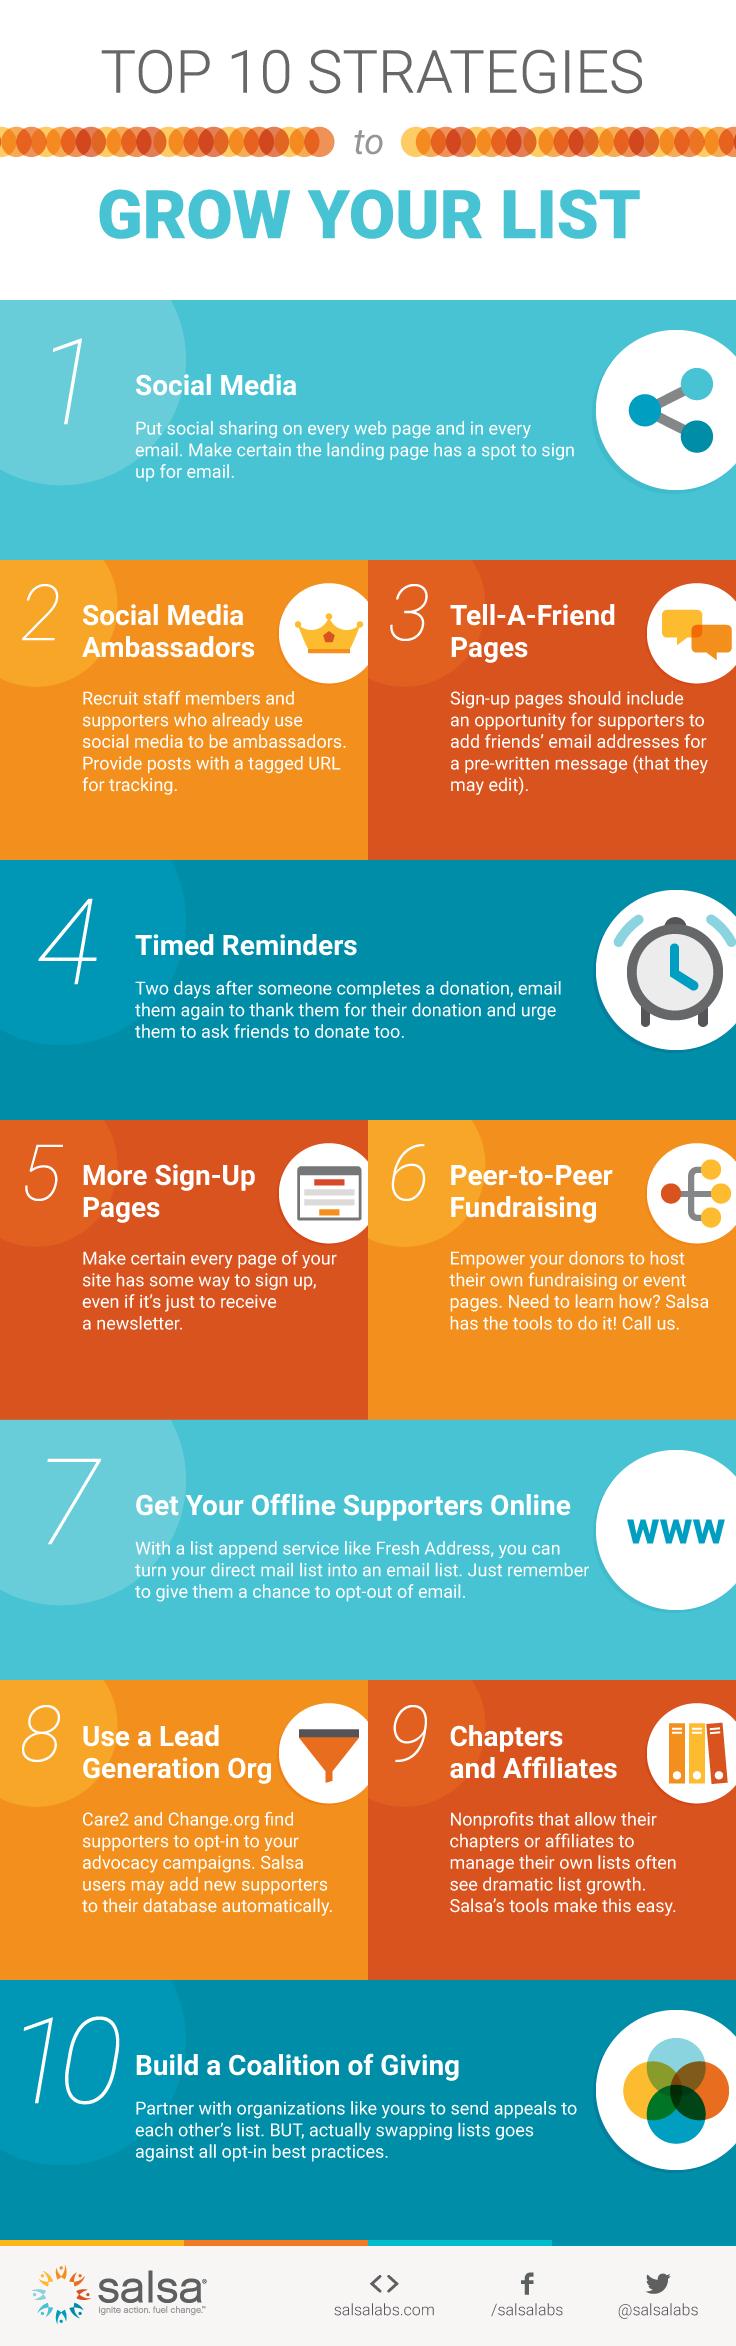 Top Ten Strategies to Grow Your List Infographic